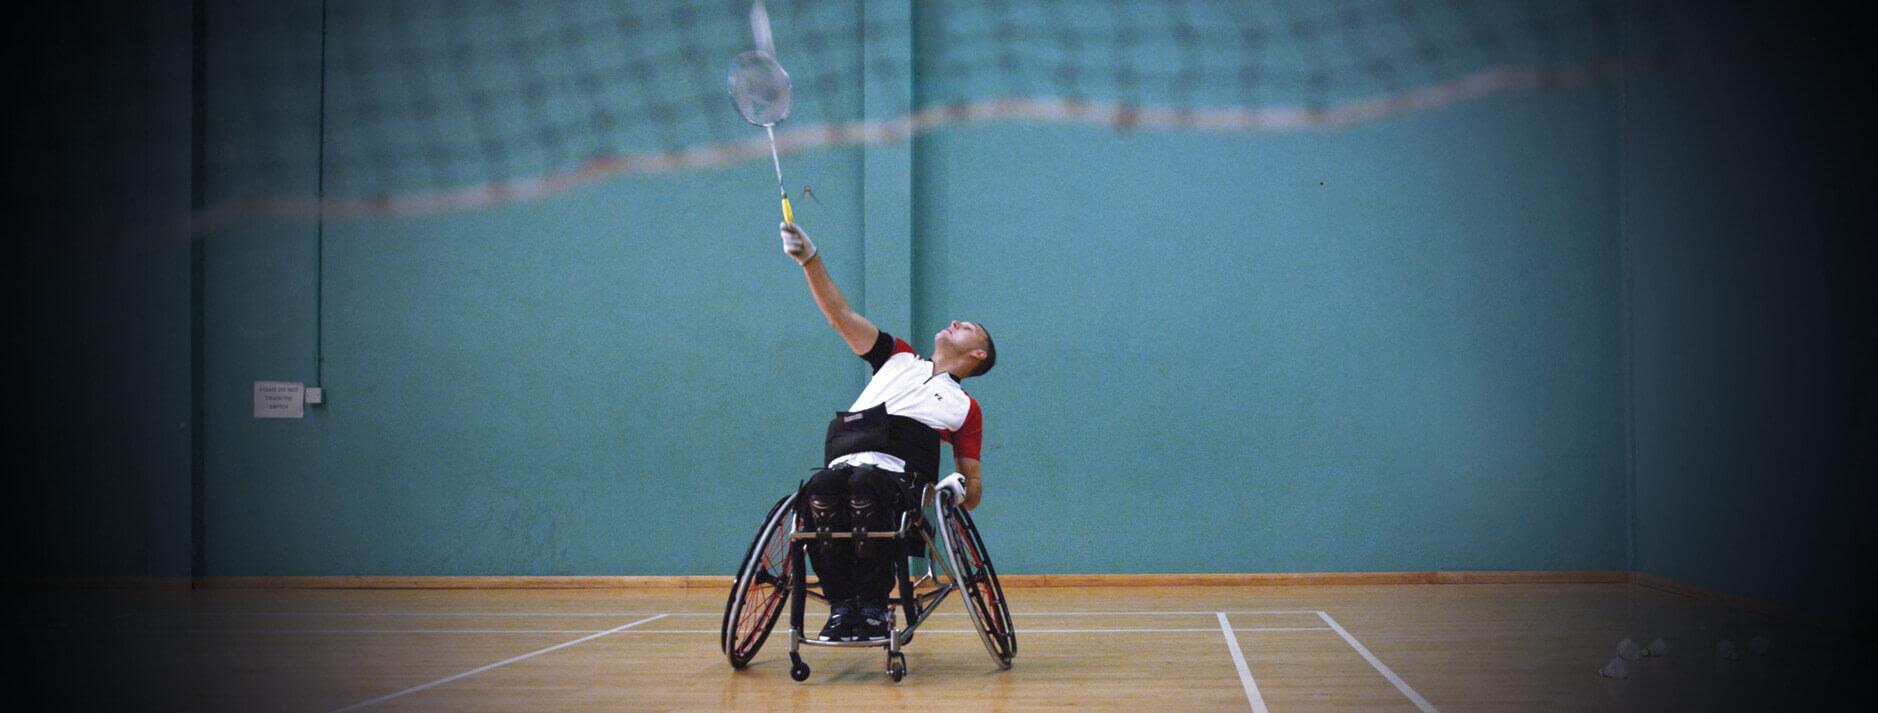 Man playing wheelchair badminton